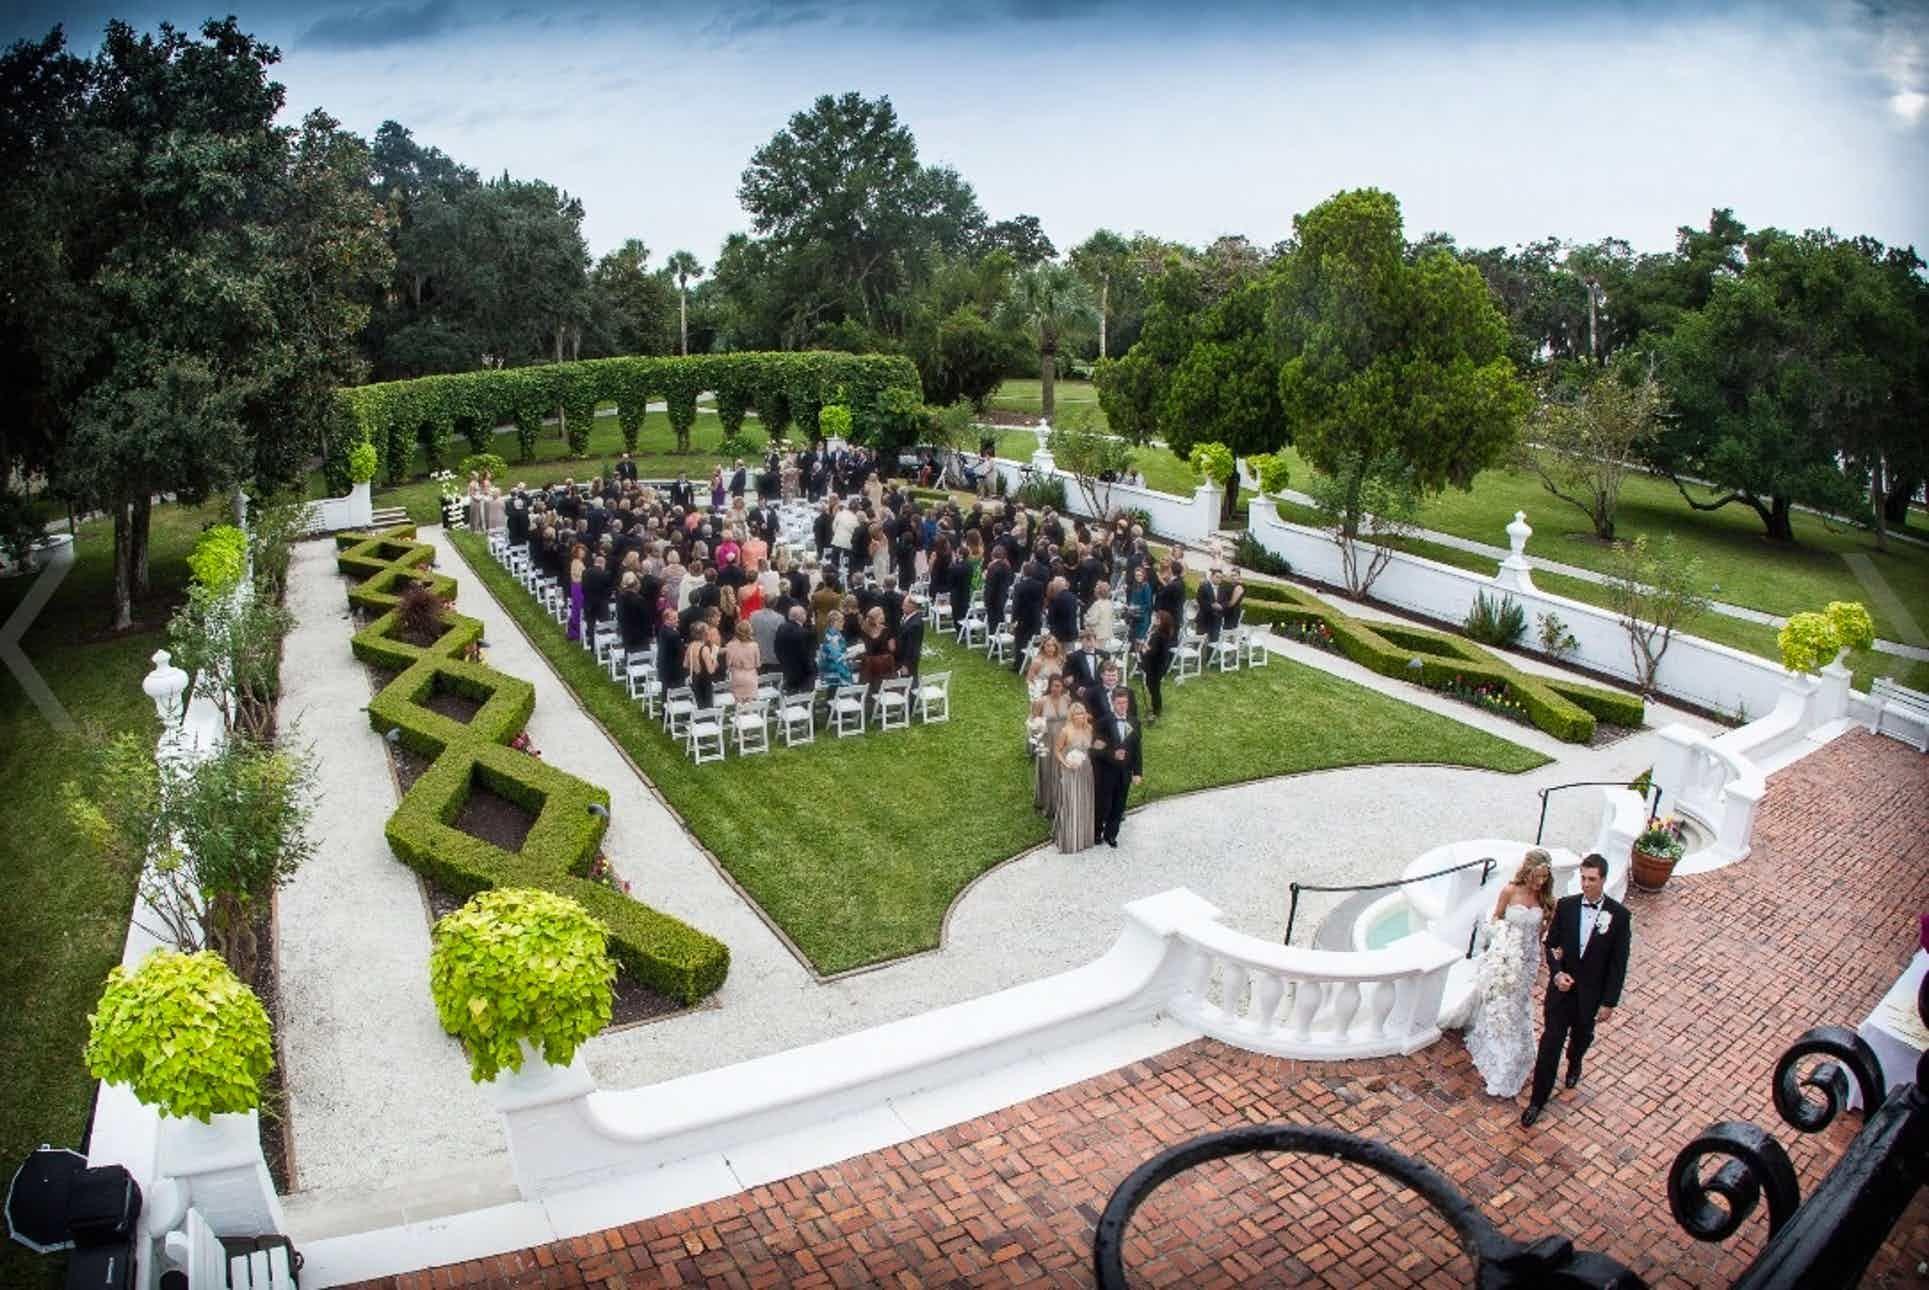 Jekyll Island Club Resort See Georgia Coast Wedding Venue Ga 31527 In 2020 Georgia Wedding Venues Ga Wedding Venues Destination Wedding Venues